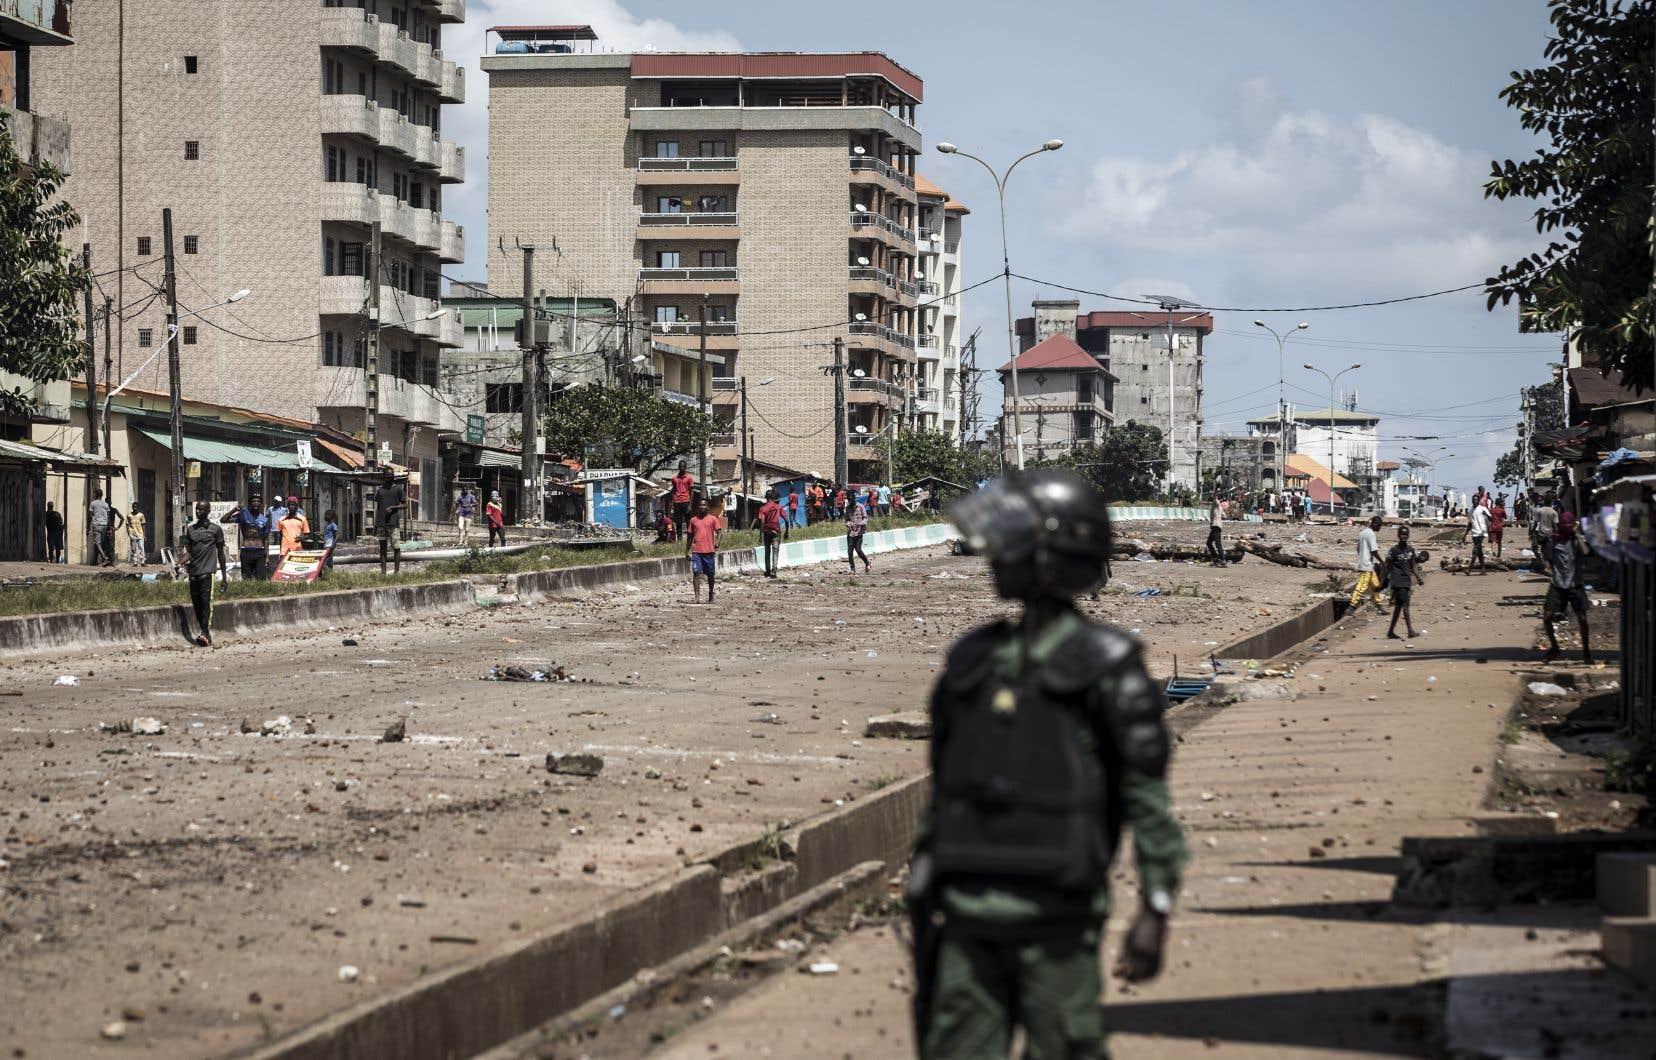 La tension était déjà montée d'un cran vendredi, les violences faisant au moins cinq morts dans ce pays d'Afrique de l'ouest à l'histoire particulièrement troublée et sanglante.